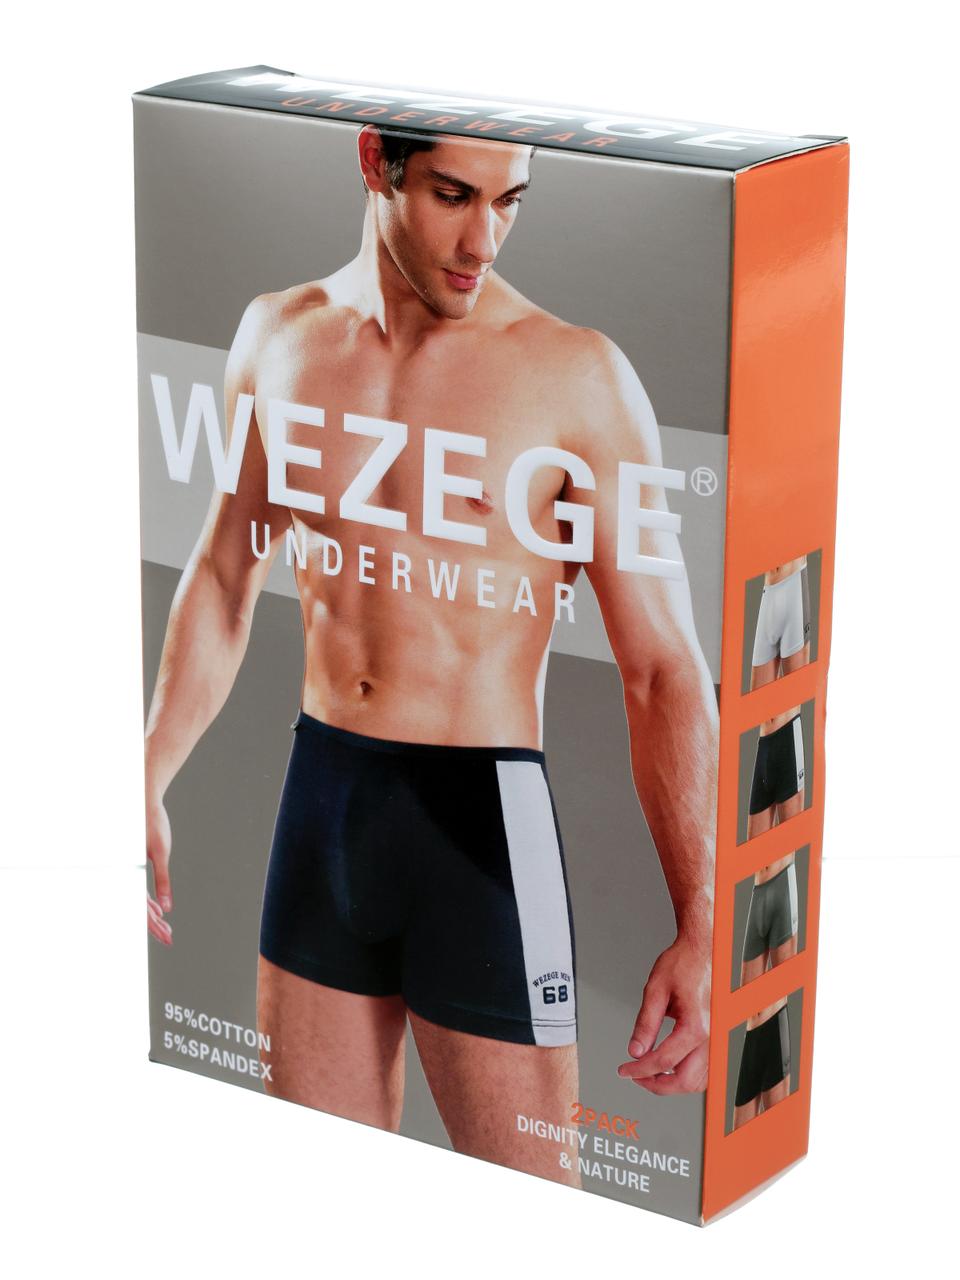 Трусы мужские боксеры Wezege 9595. Набор из 2 штук в размере 3XL